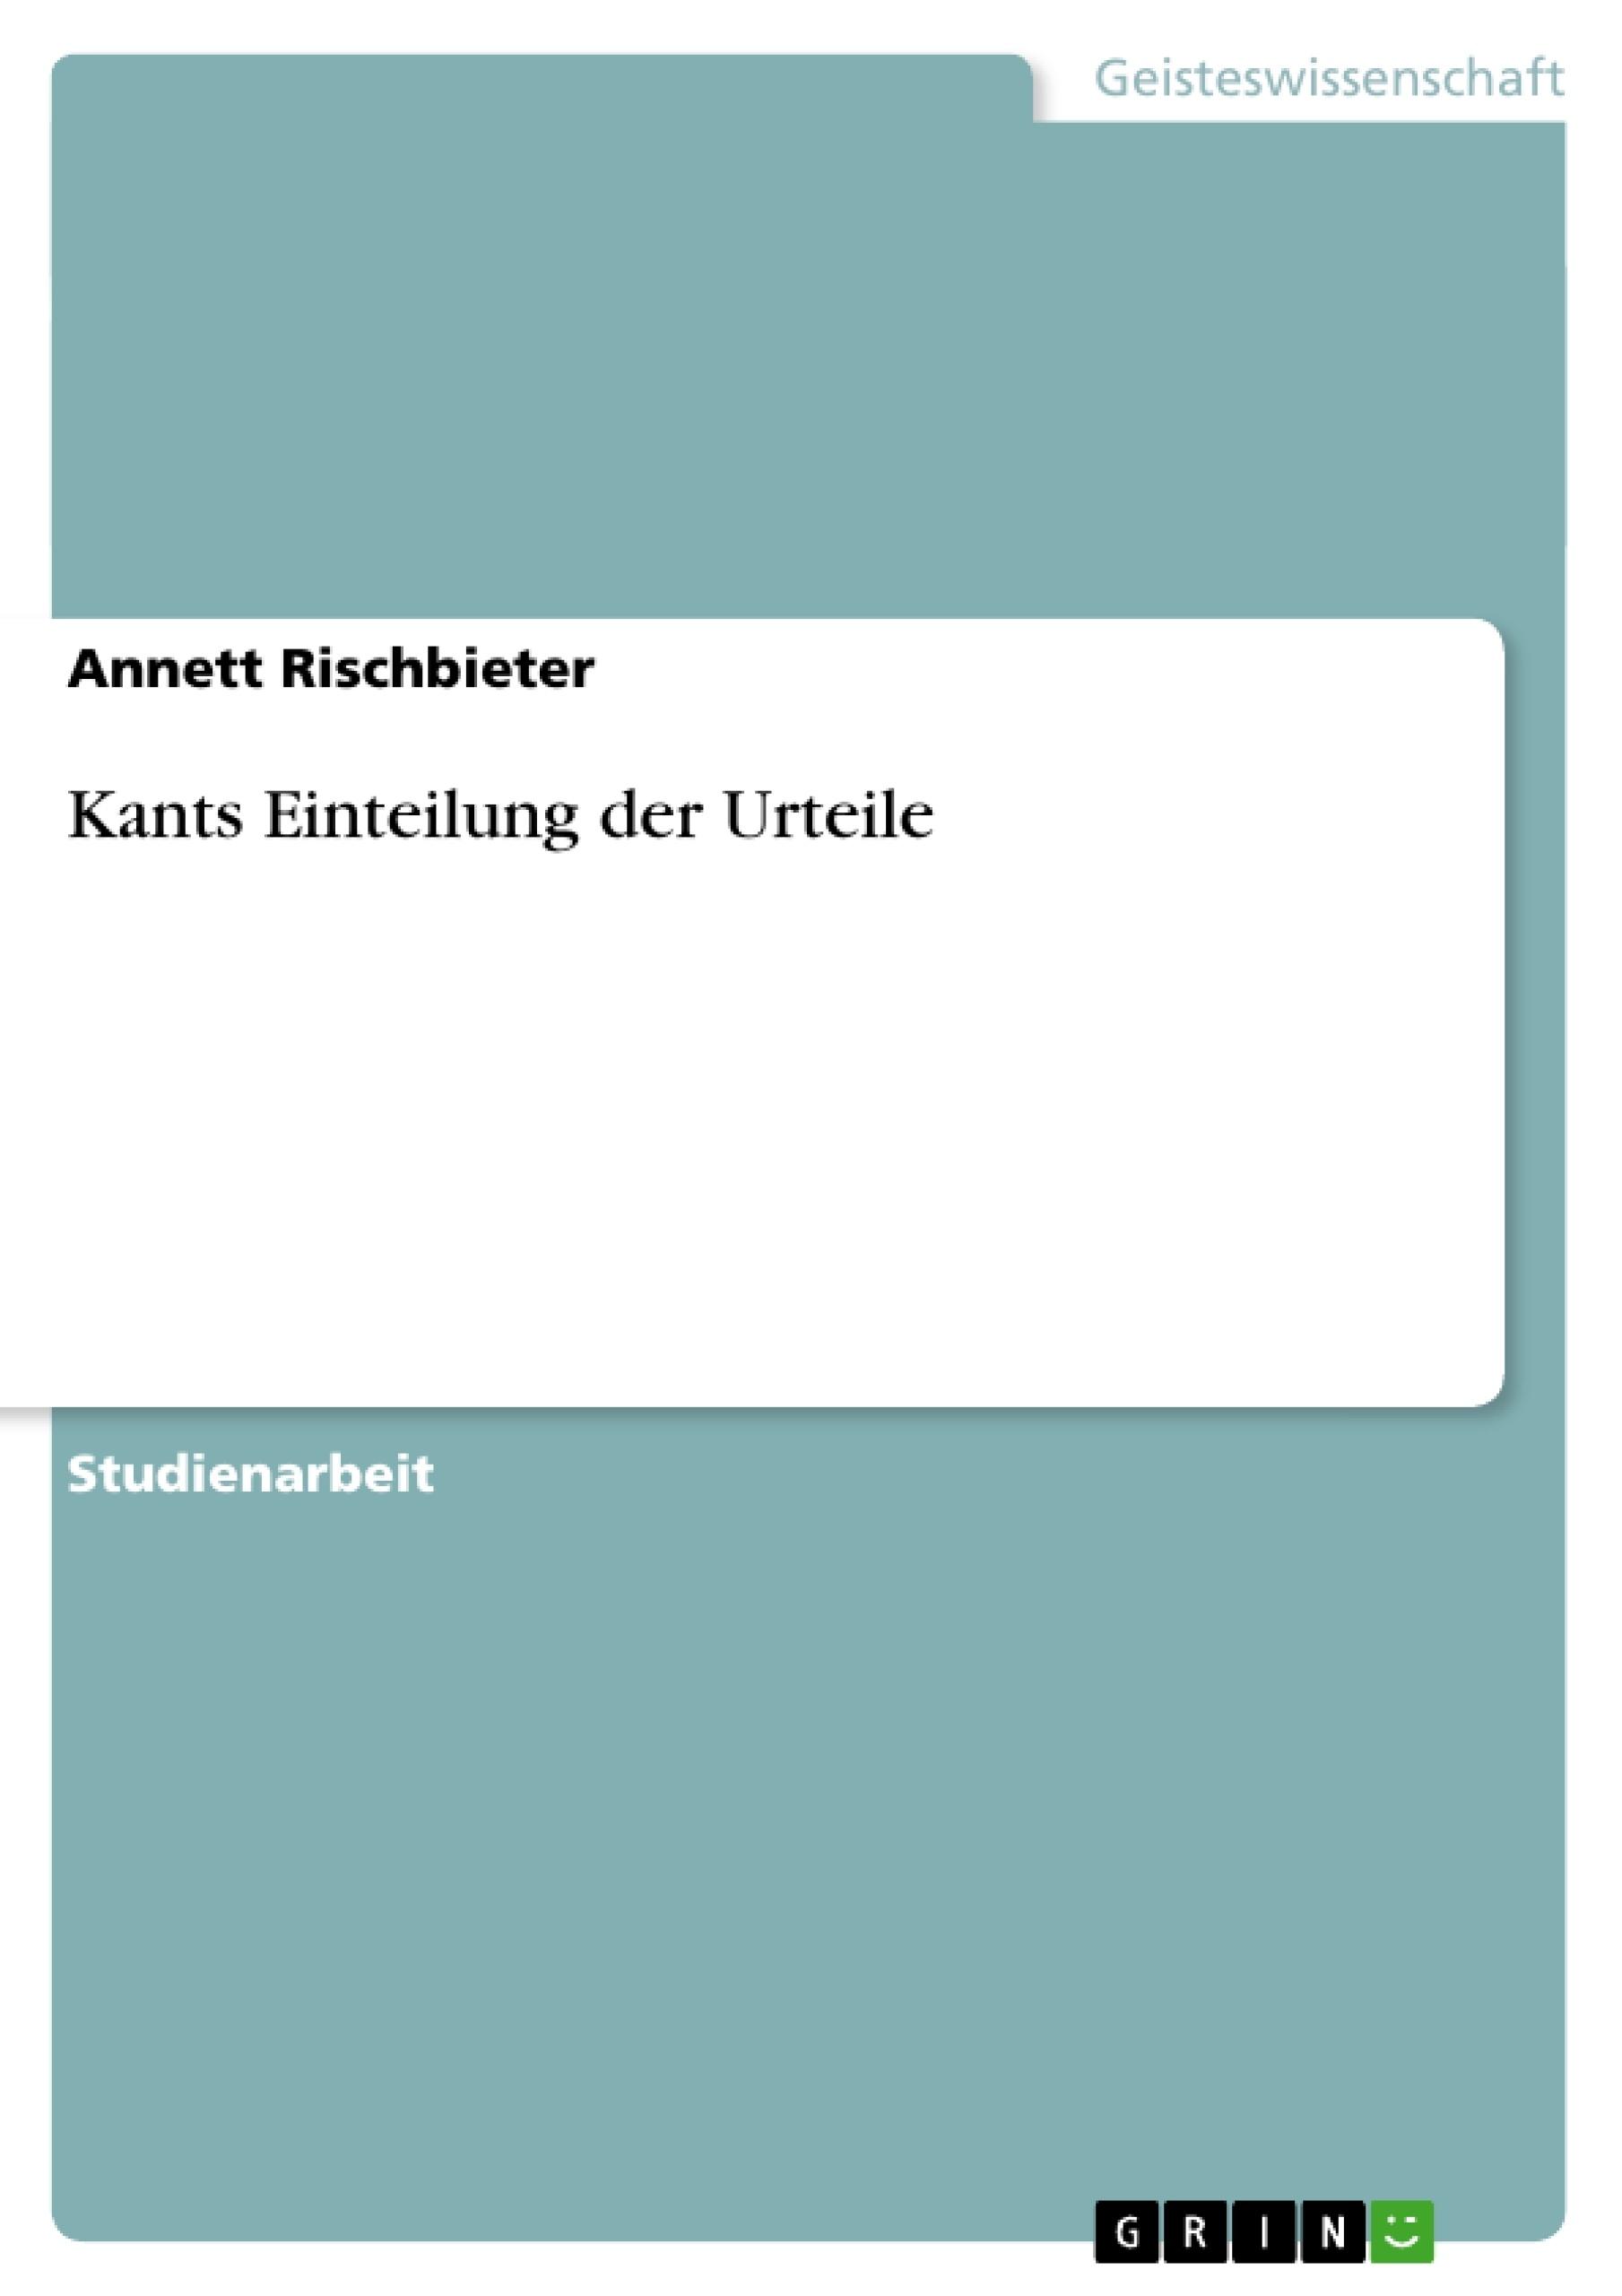 Titel: Kants Einteilung der Urteile